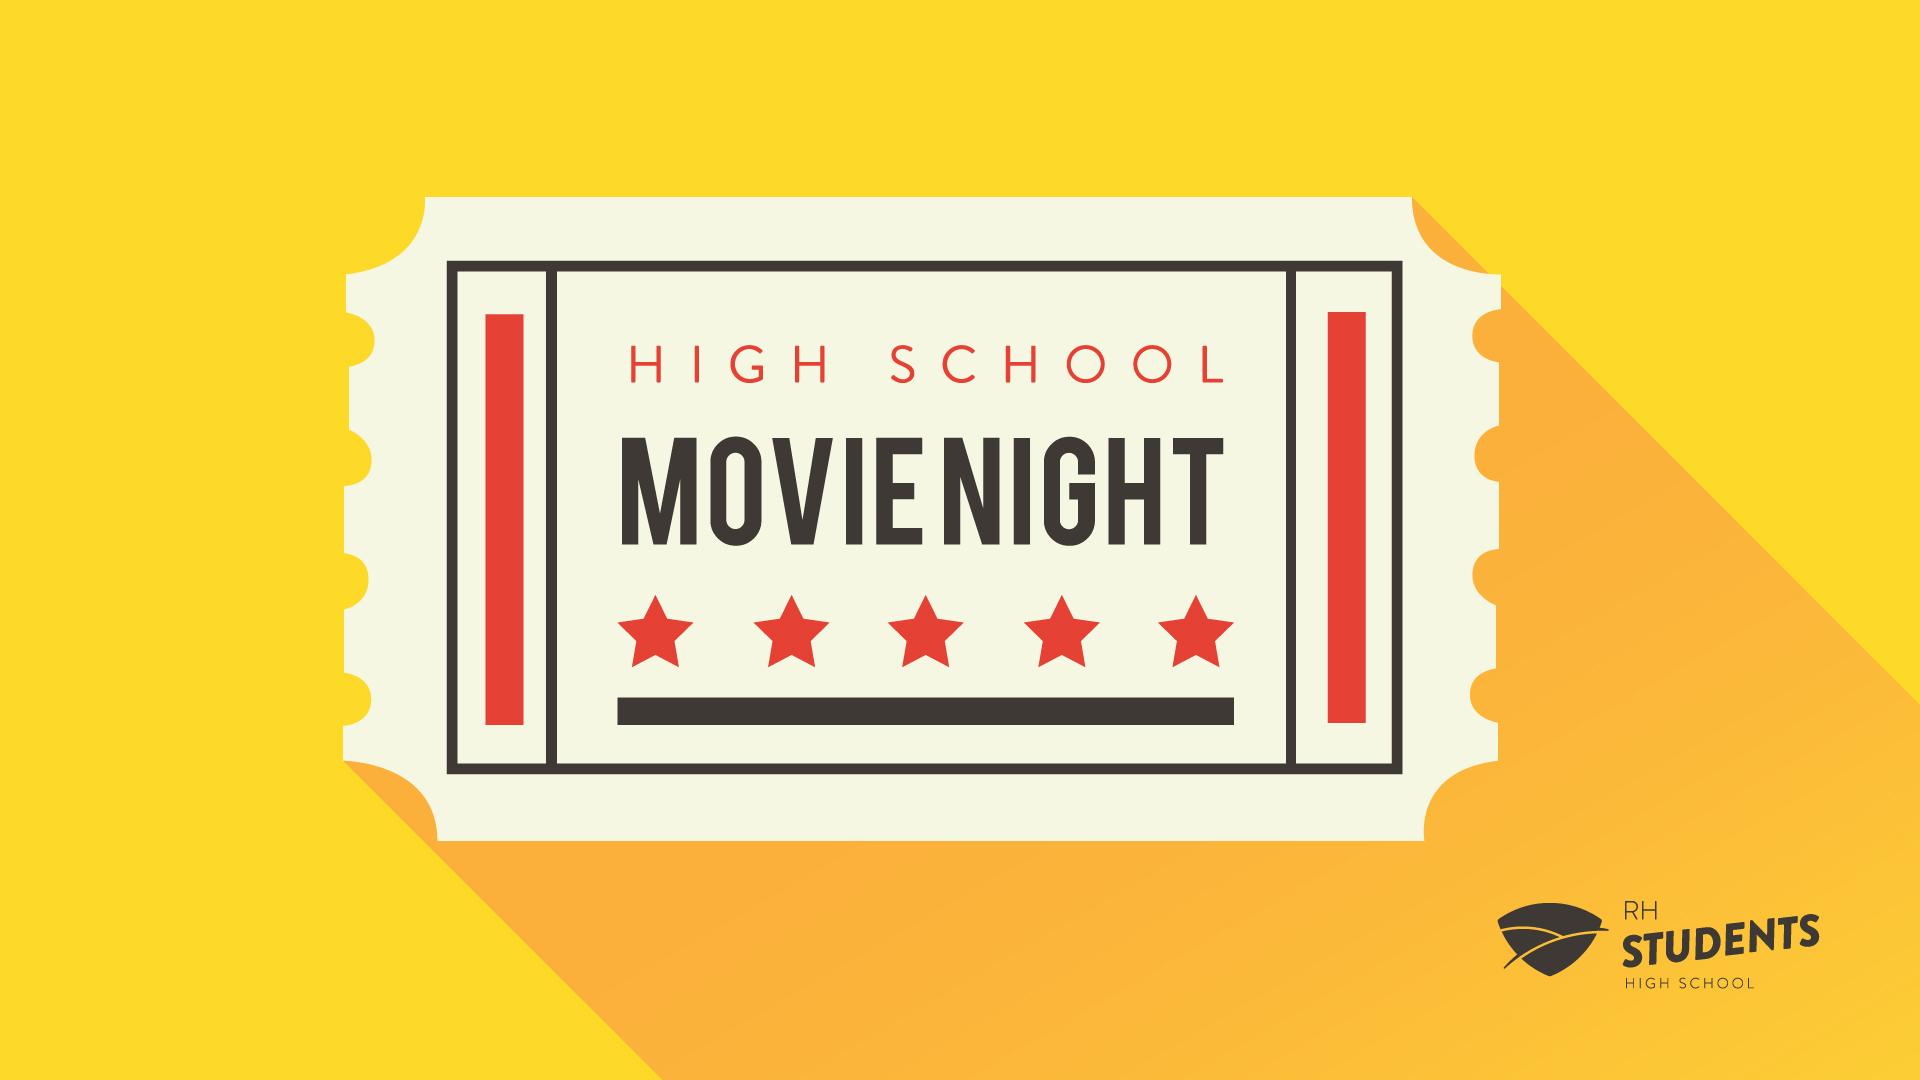 Movie night 2018 registration banner